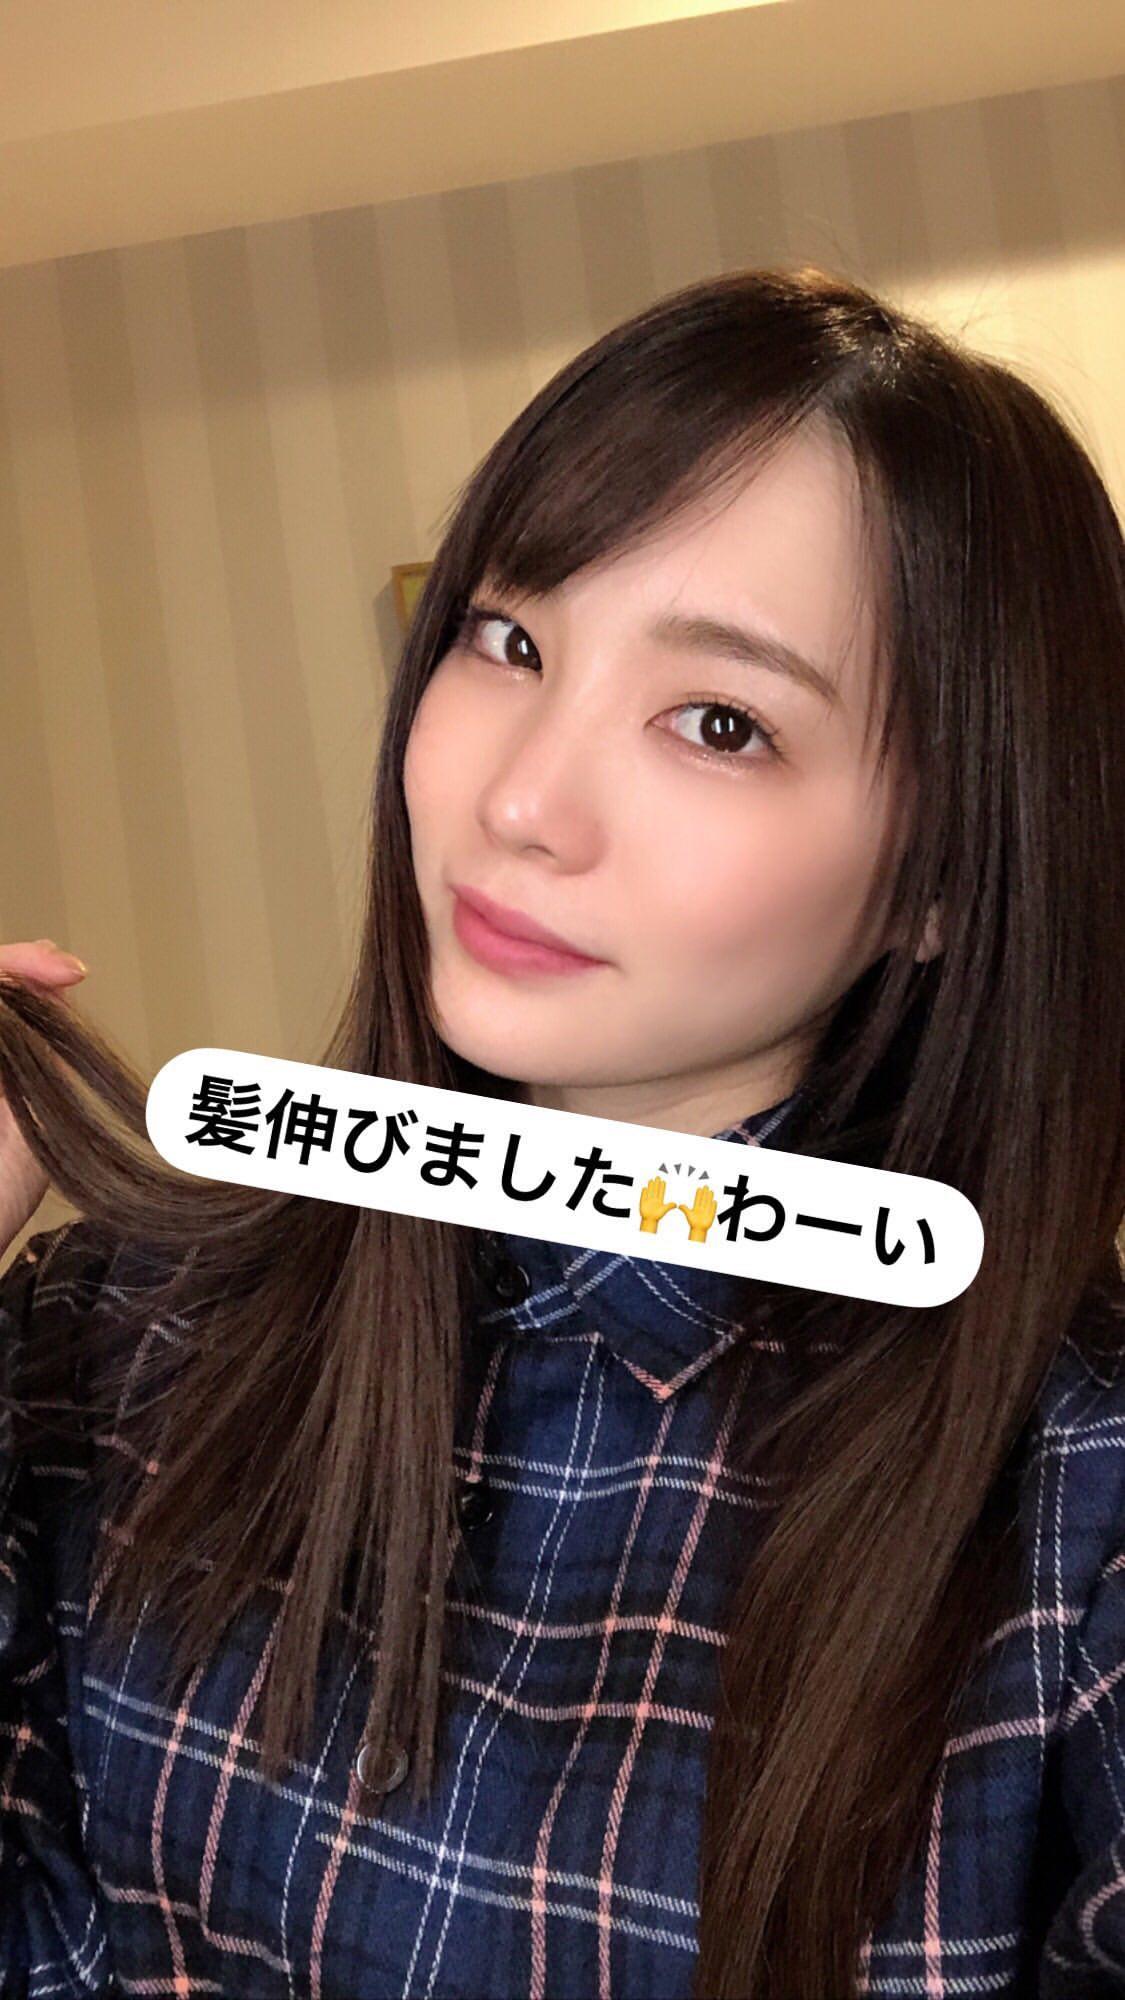 Airi Suzumura (鈴村 あいり) - ScanLover 2.0 - Discuss JAV & Asian Beauties!